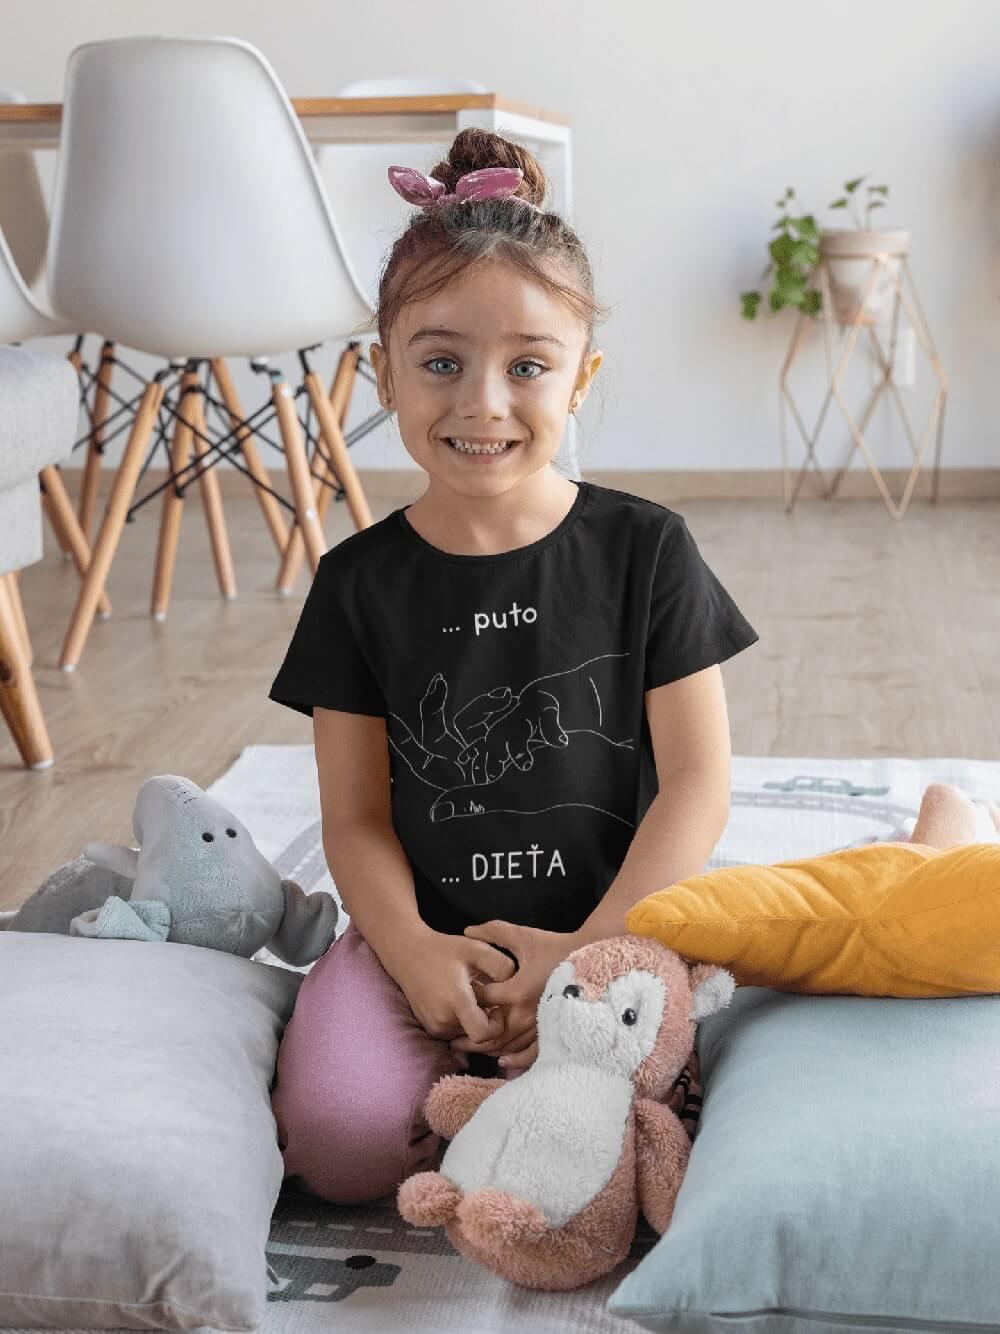 MMO Tričko pre dieťa Puto Vyberte farbu:: Čierna, Detská veľkosť: 122/6 rokov